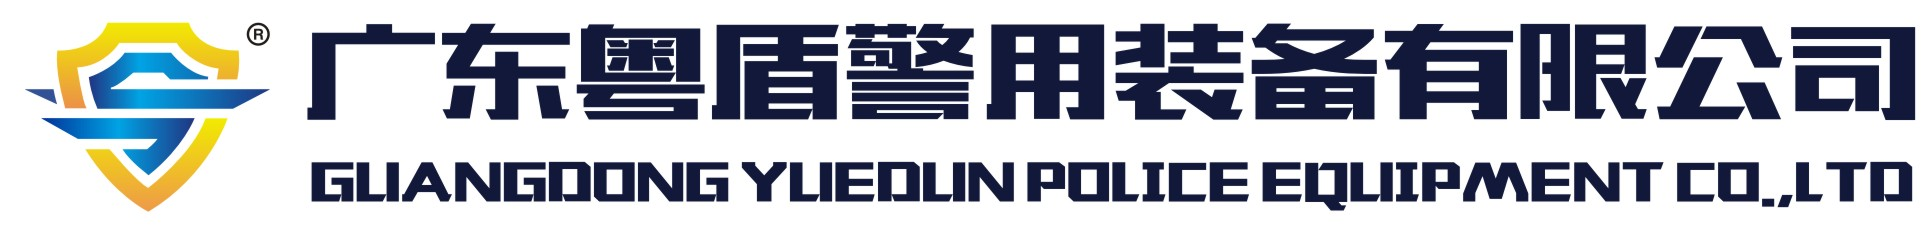 必威国际官方网站_必威体育网址开户